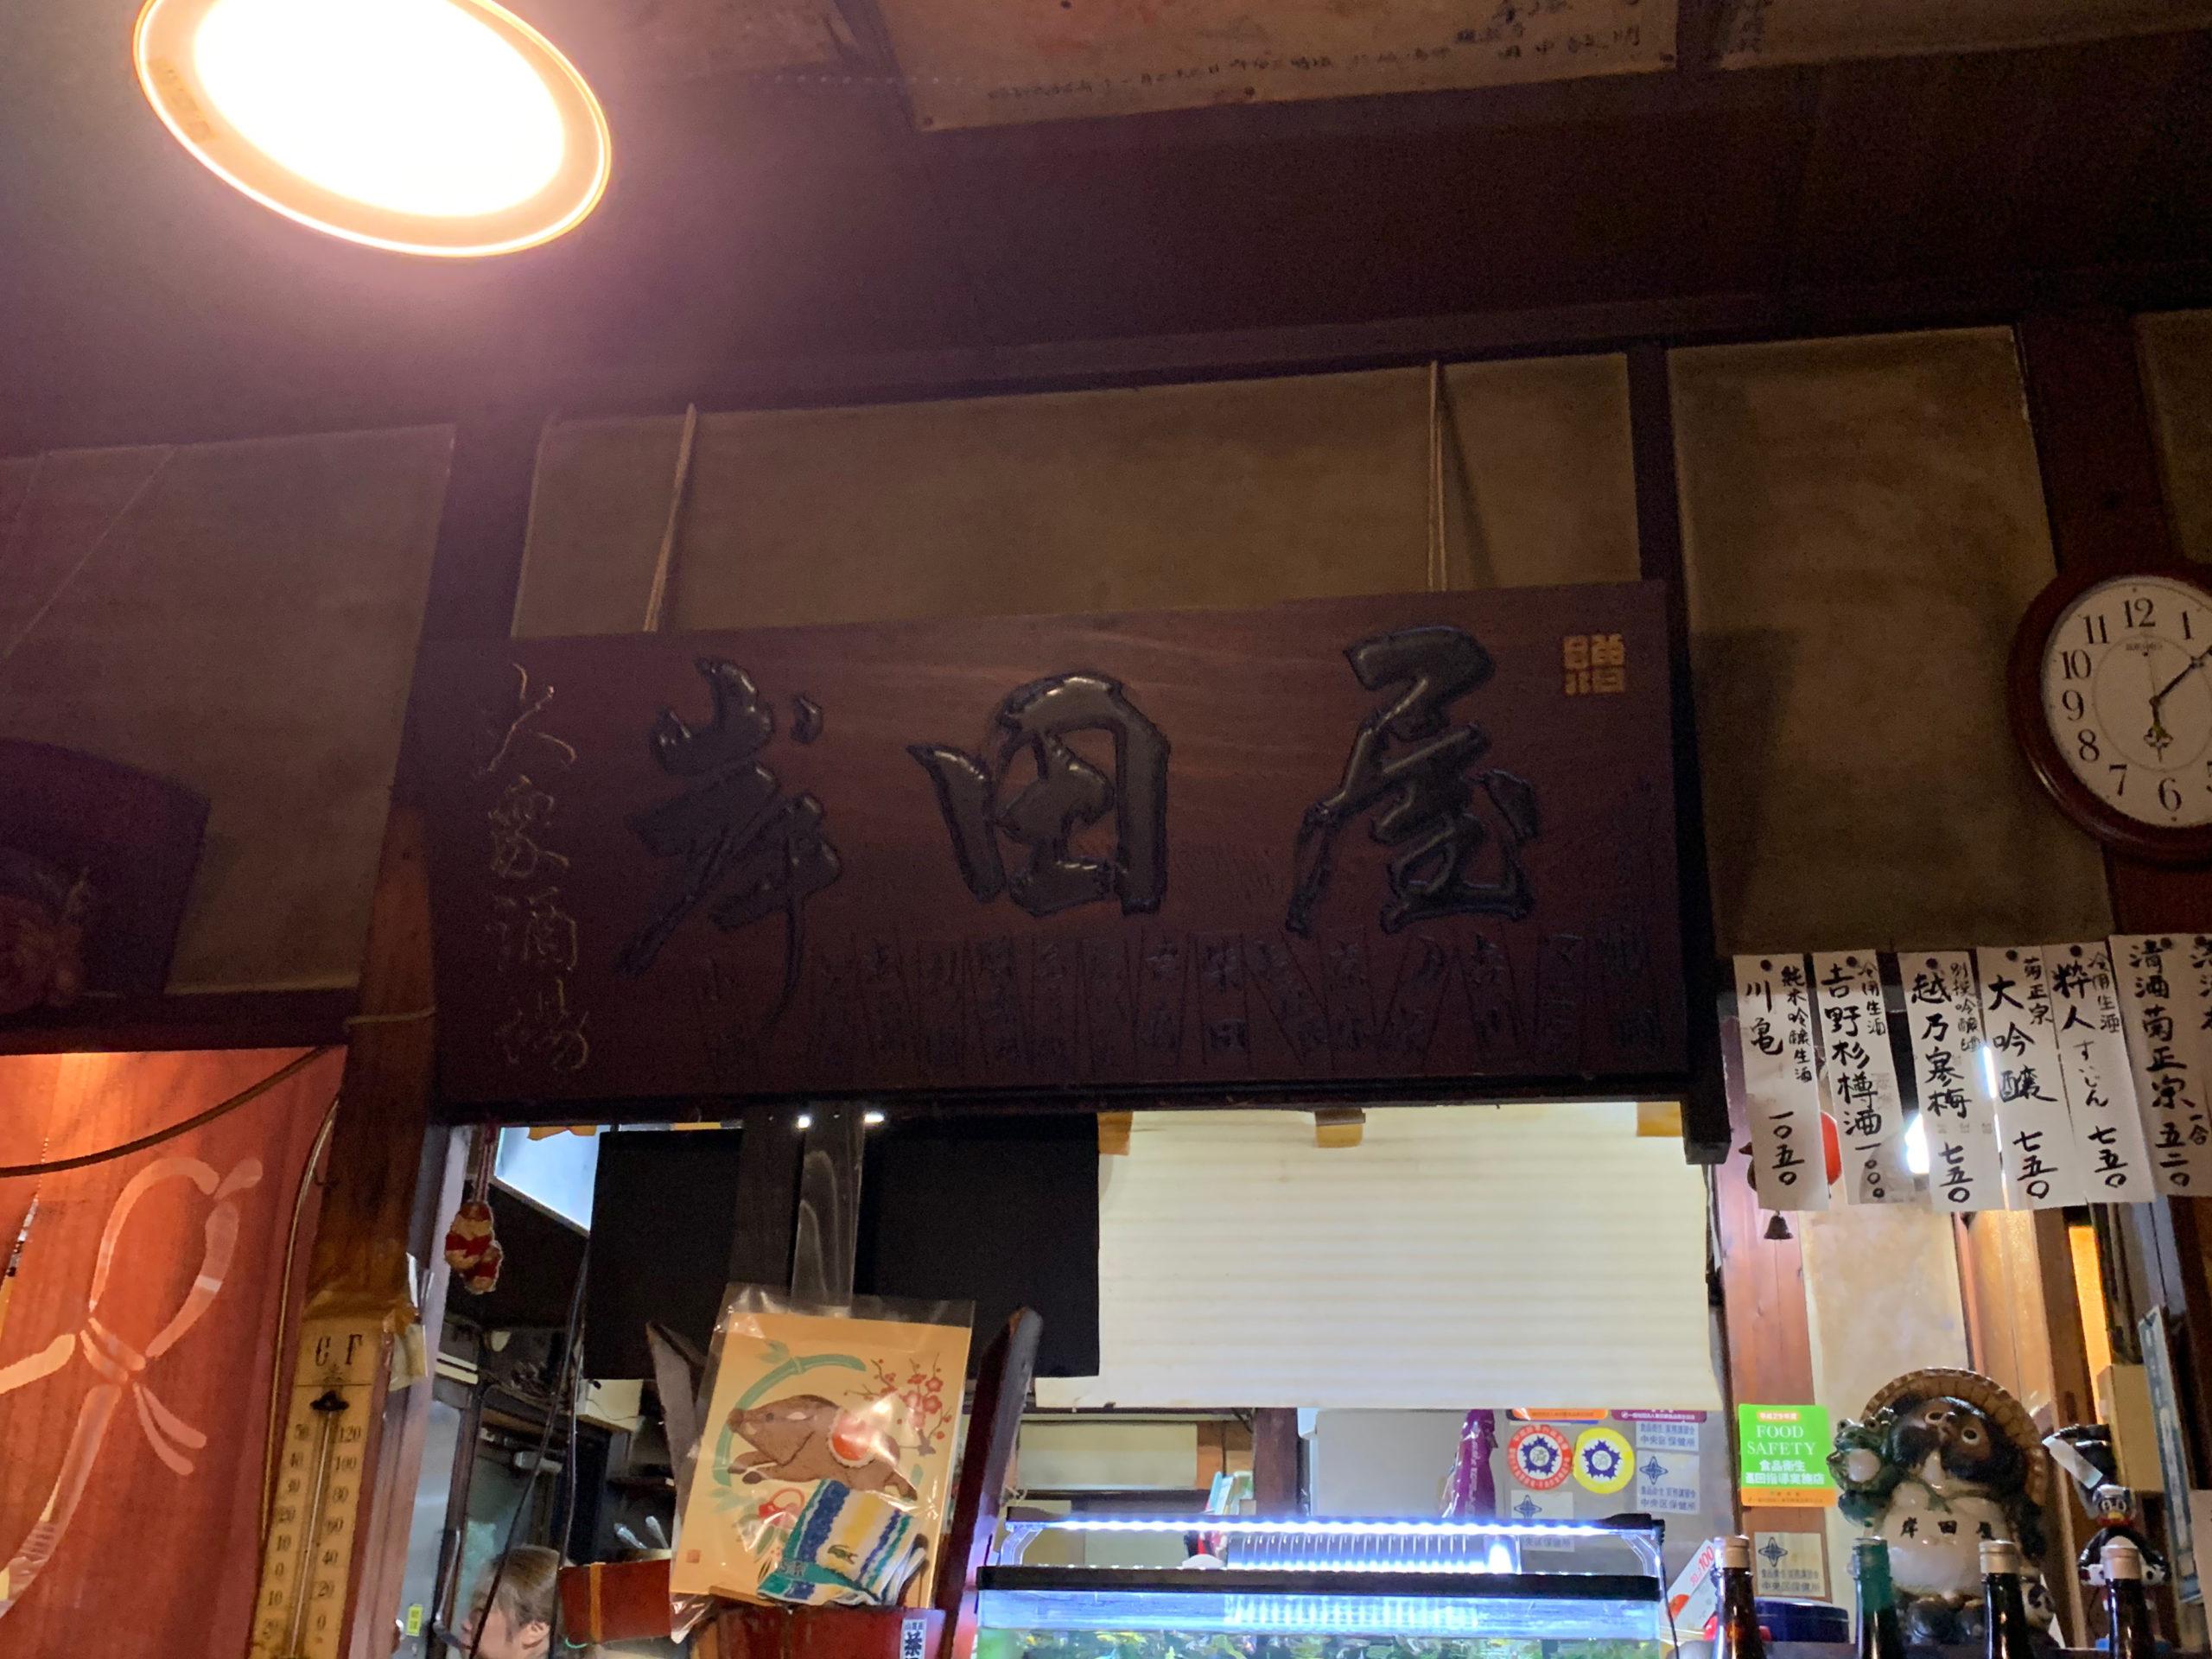 明治時代創業の名店である月島の名店「岸田屋」は、接客・料理・ホスピタリティ全てにおいて素晴らしいお店です